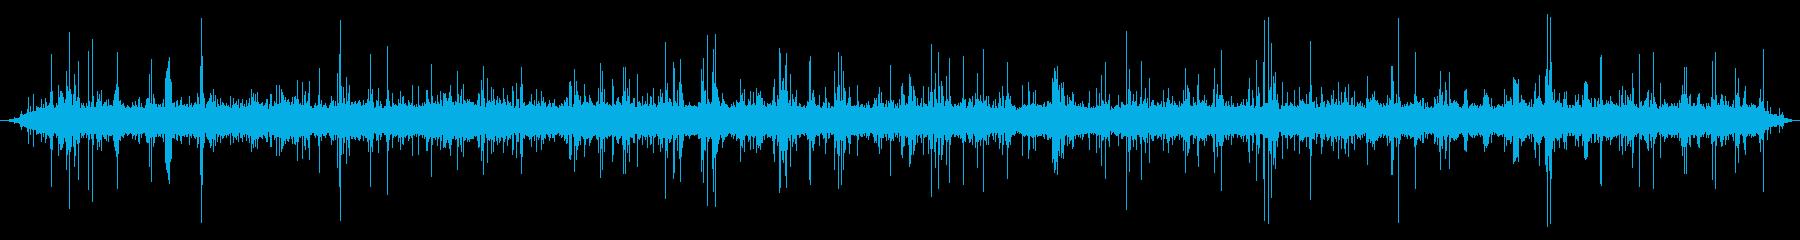 ブルックオアストリーム:ライトトリ...の再生済みの波形